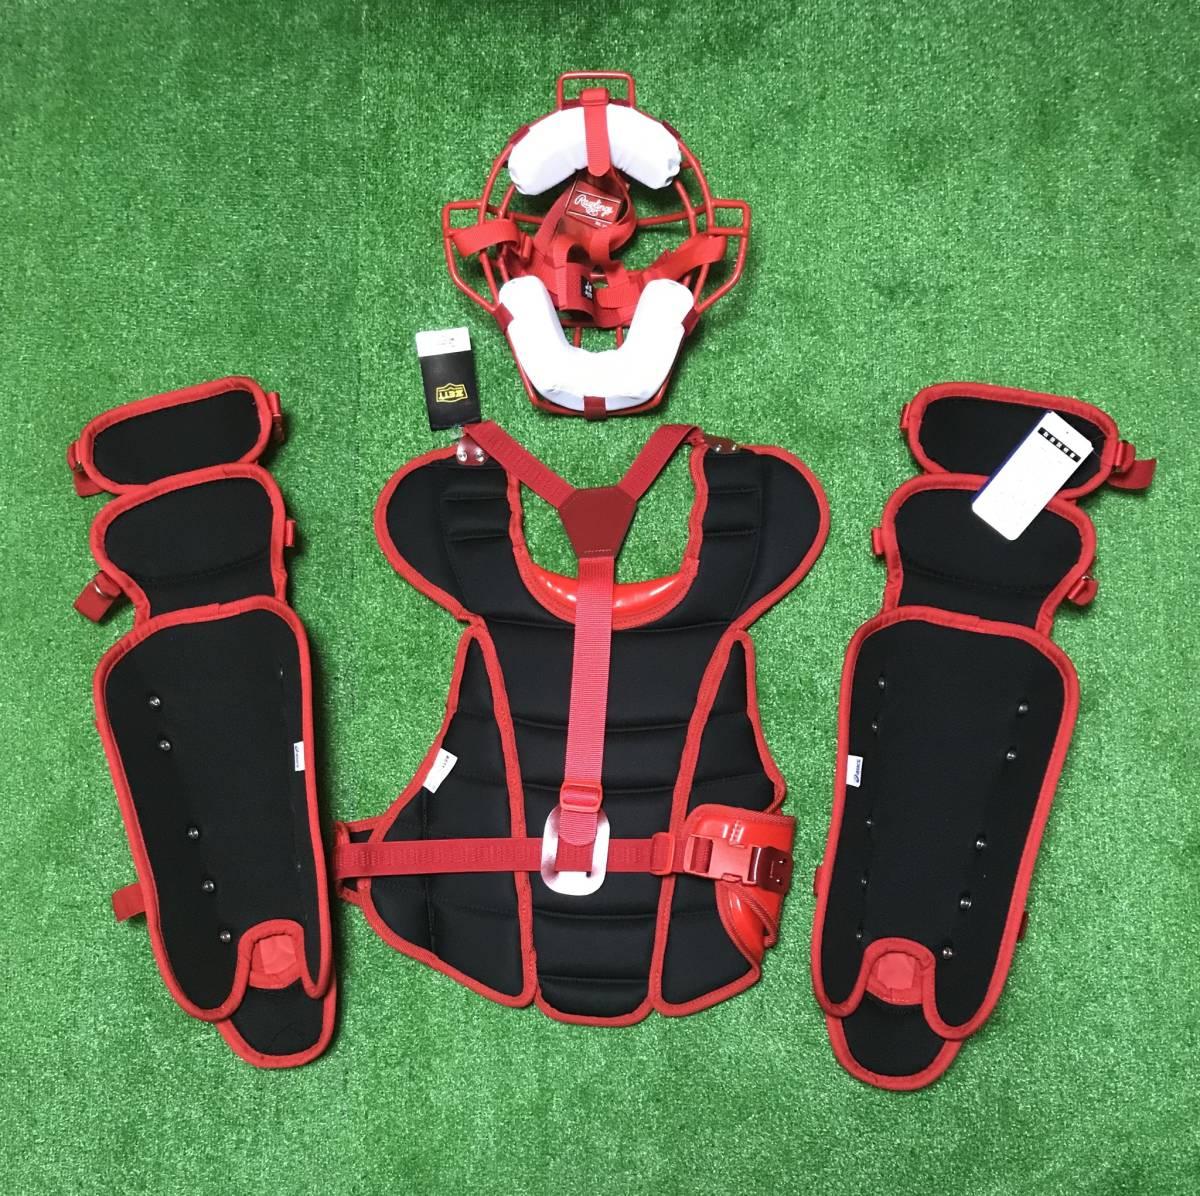 送料無料 ☆新品未使用☆ 一般ソフトボール用 キャッチャー プロテクター 防具 jSAマーク レッド_画像2